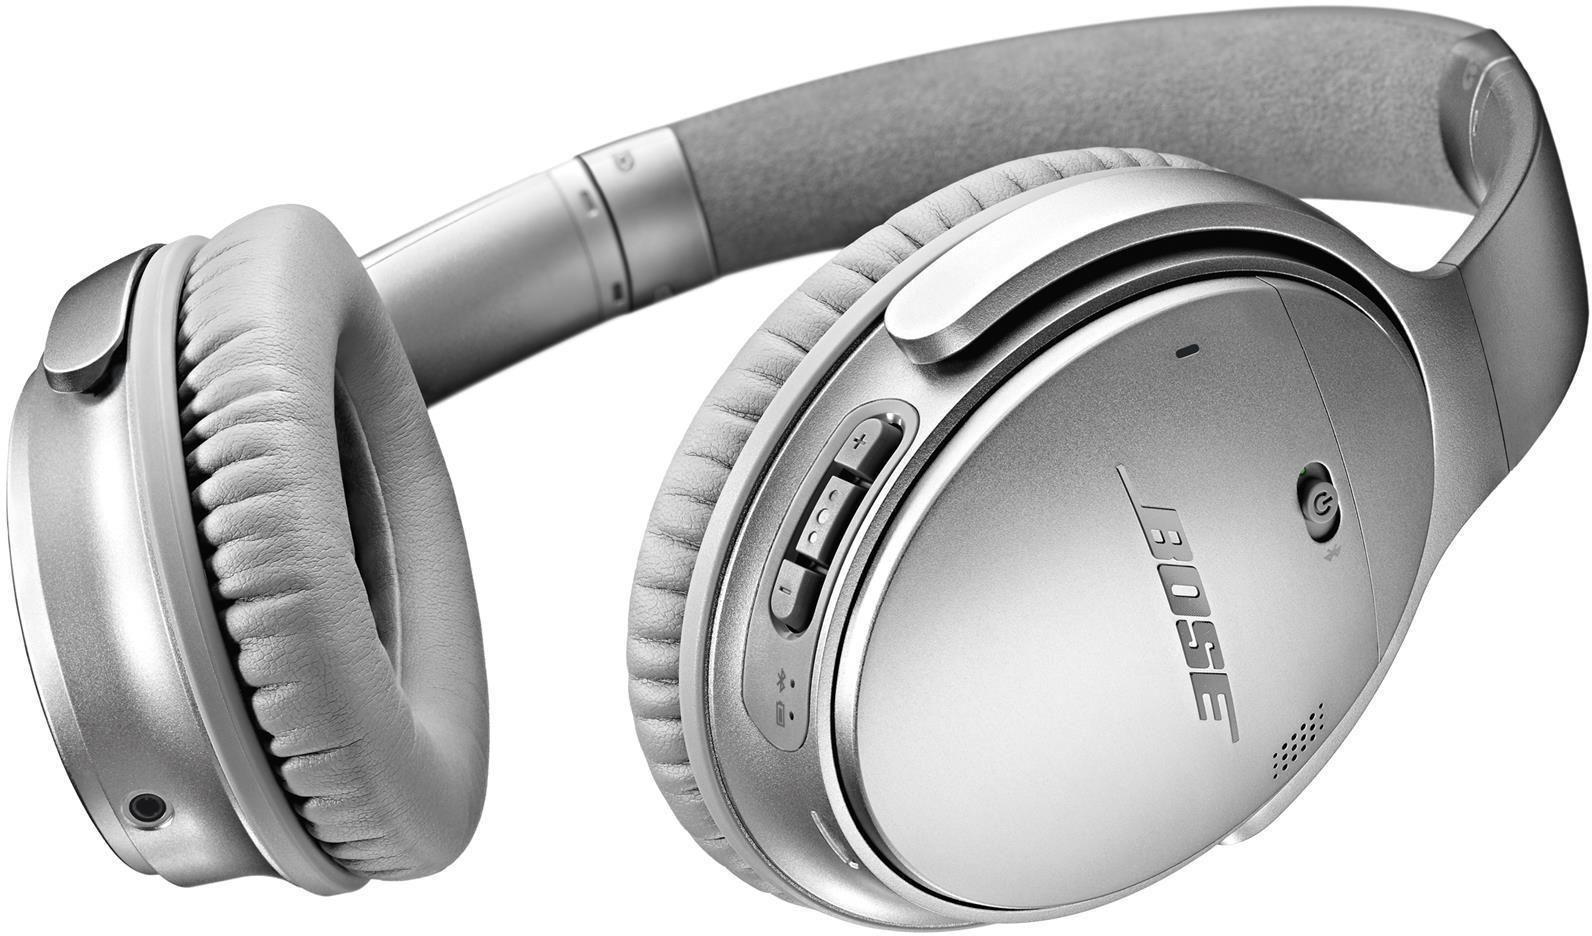 Bose QuietComfort 35.